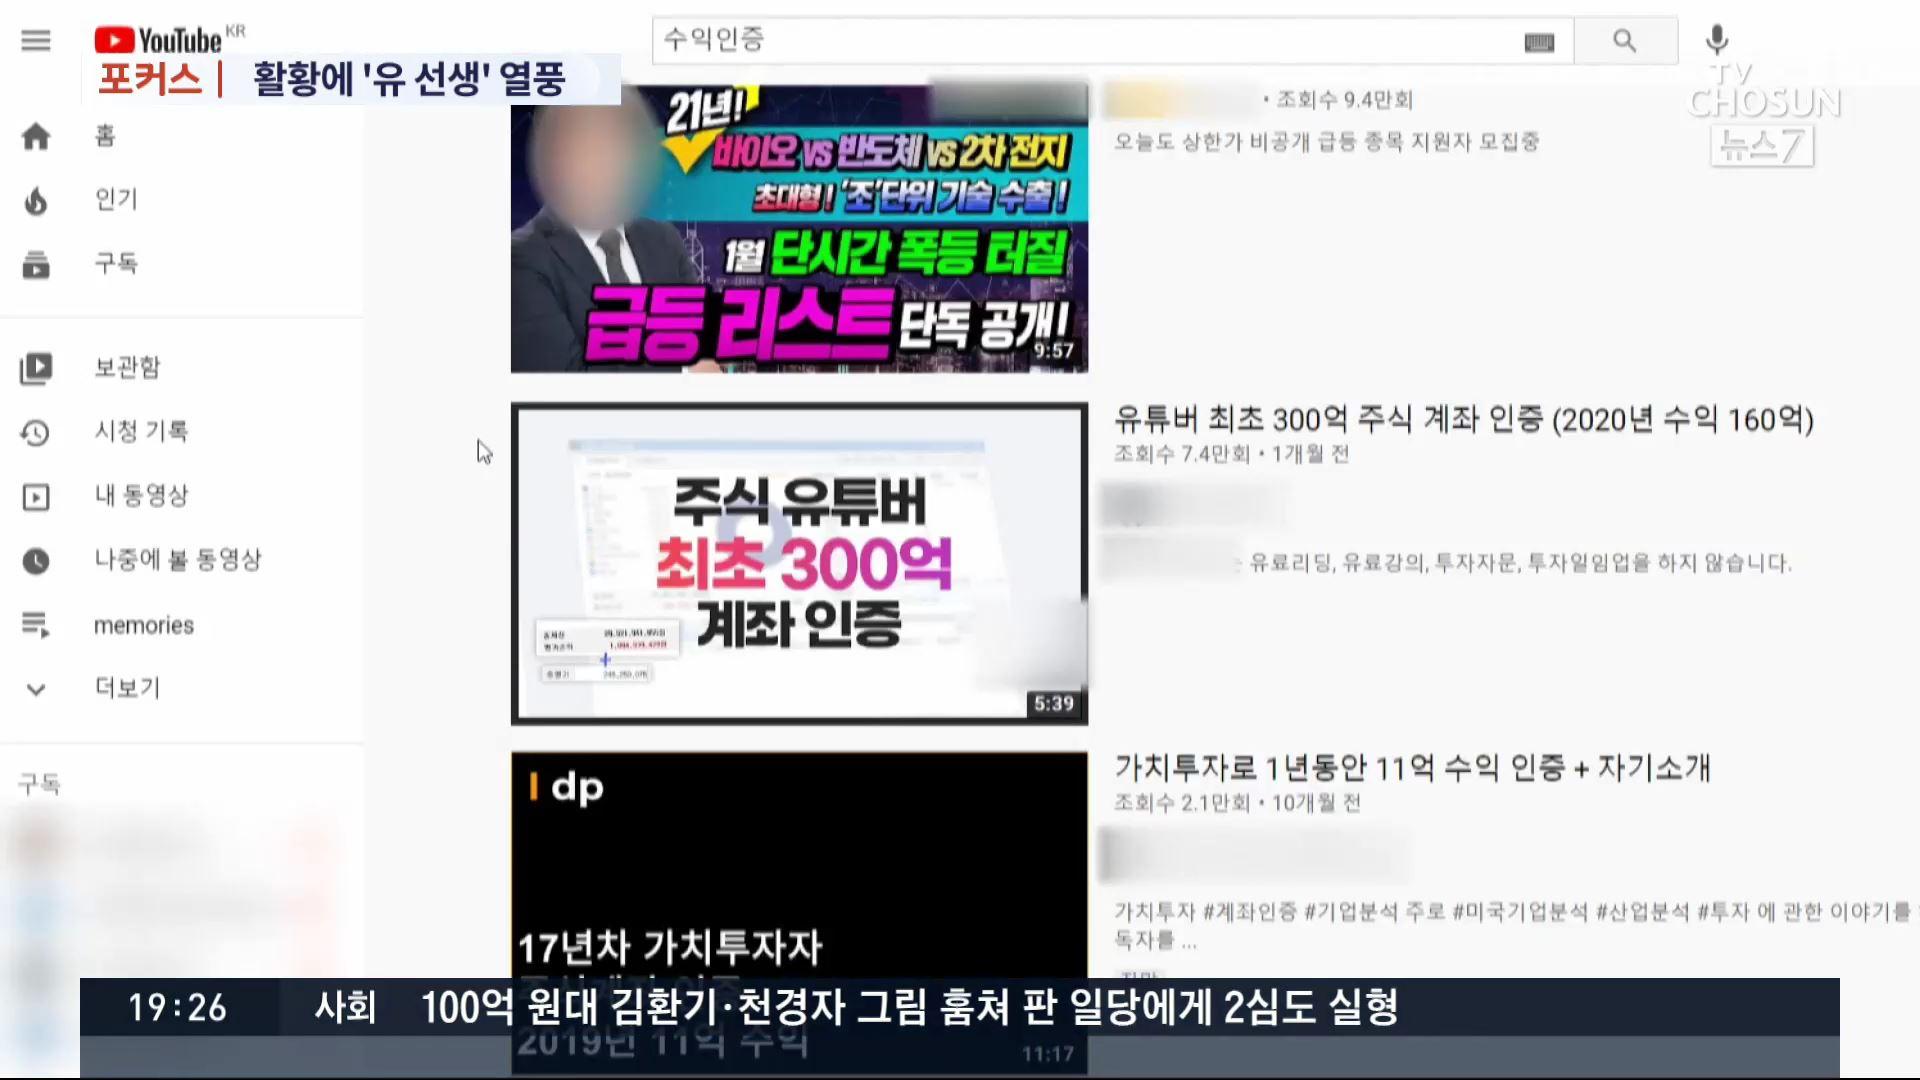 [포커스] 주린이 몰려드는 '유튜브'…'고수익 유인' 사기주의보